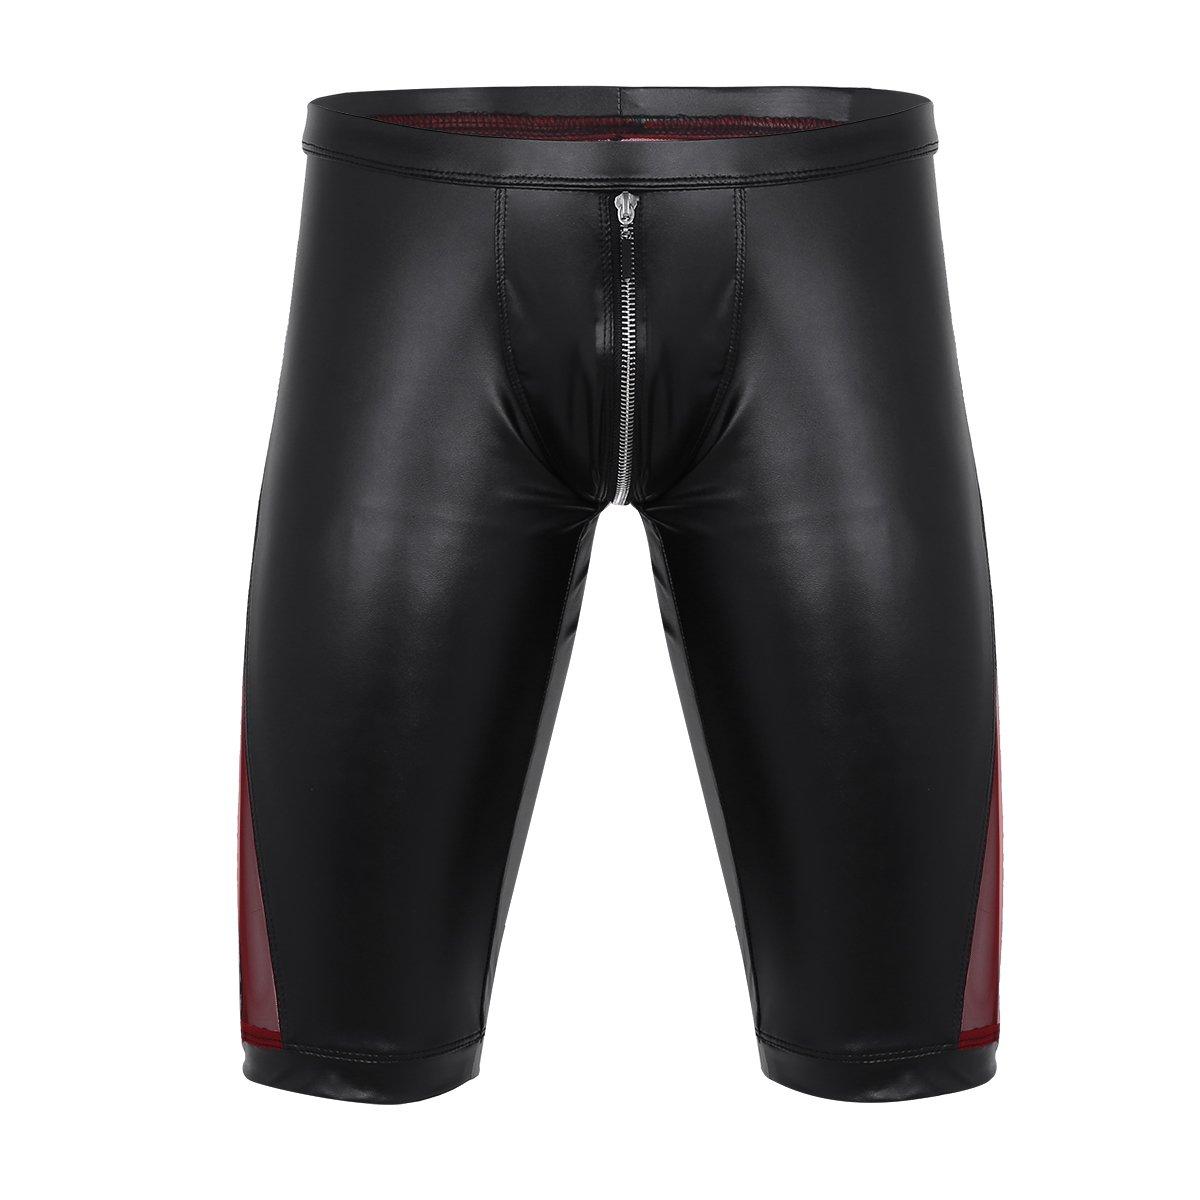 ACSUSS Men's Faux Leather Trunks Mesh Splice Zipper Crotch Boxer Shorts Underpants Black X-Large